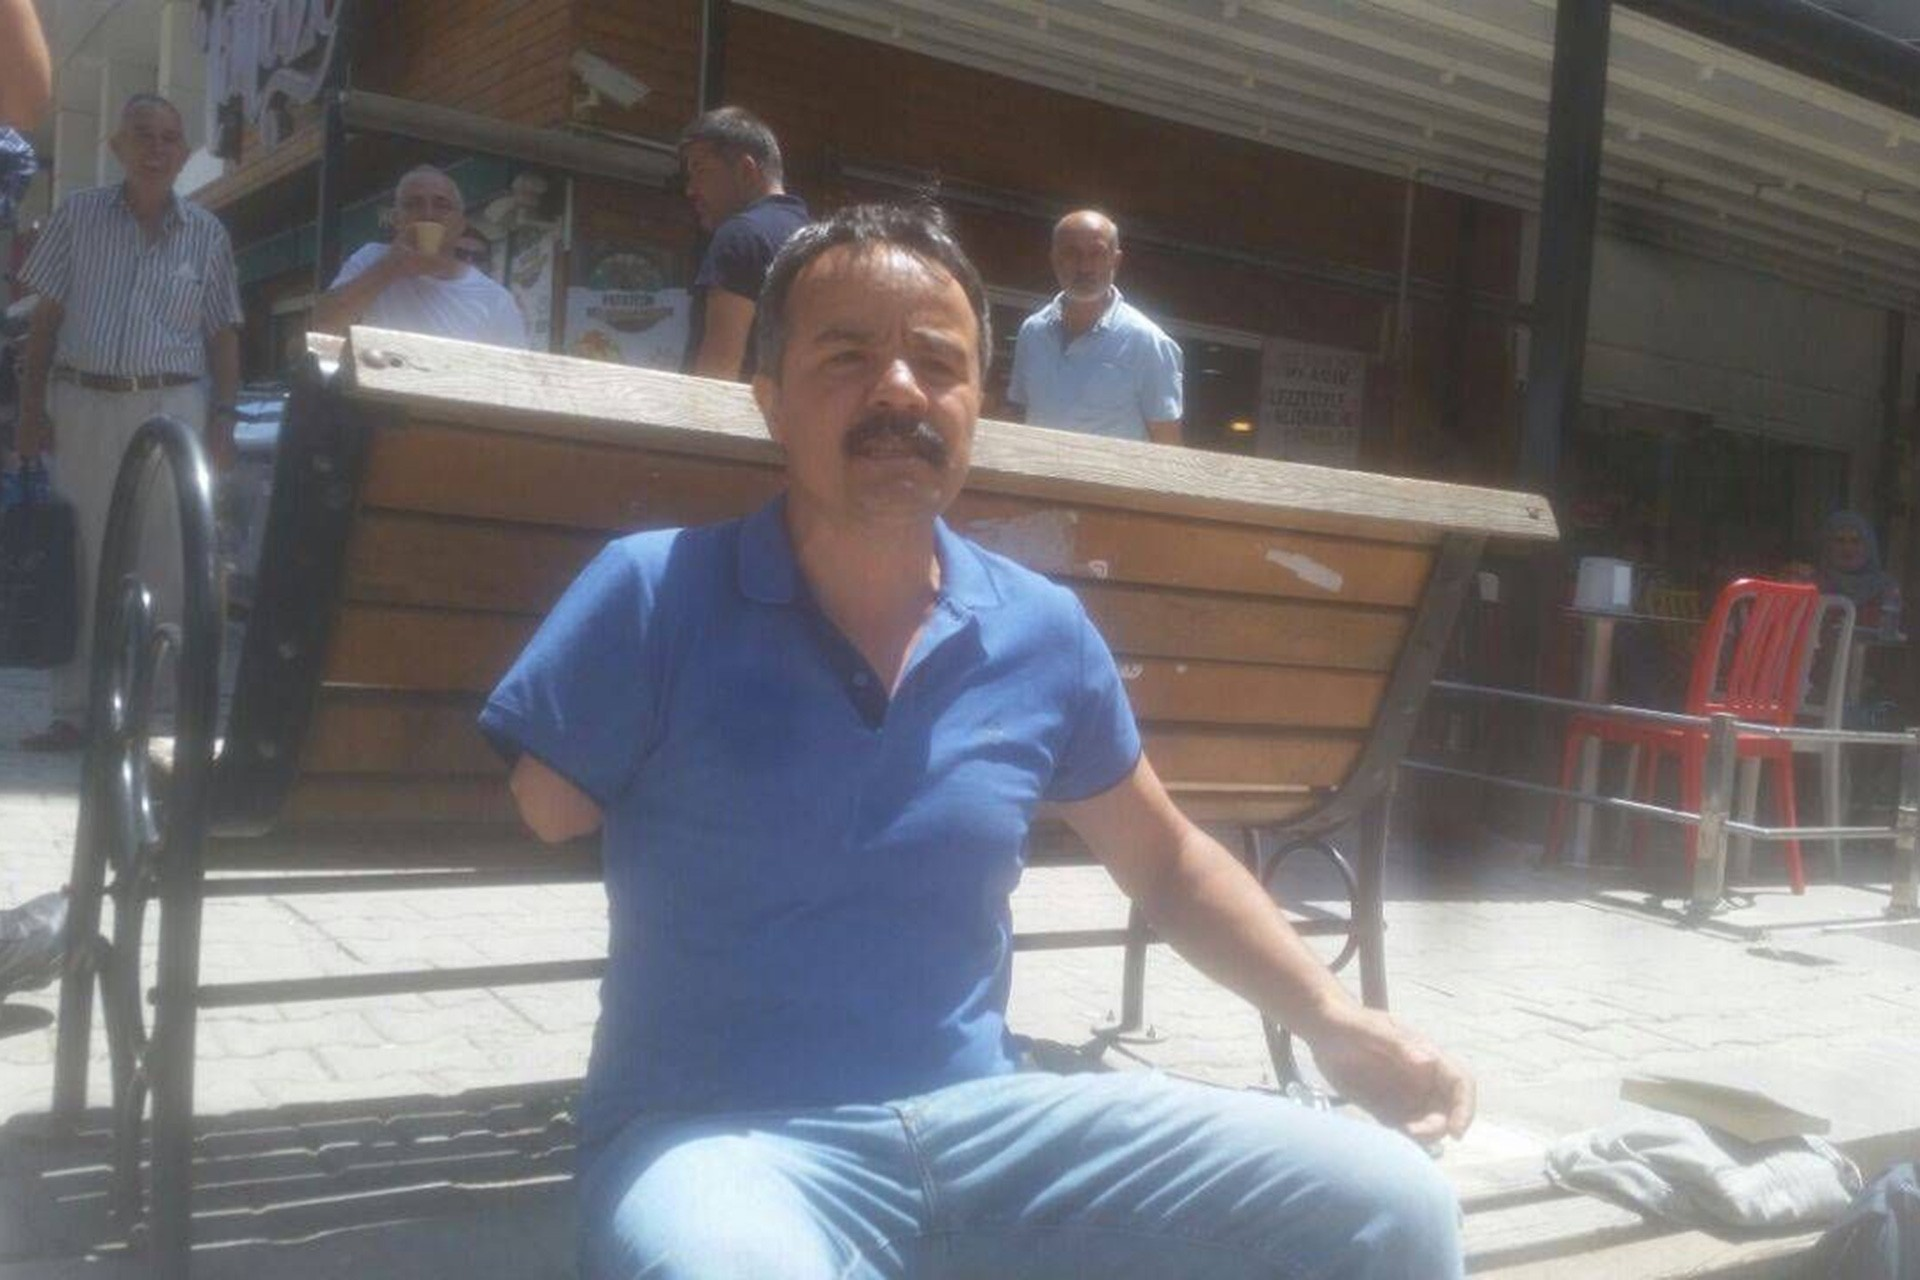 Veli Saçılık, protesto için banka oturdu, gözaltına alını para cezası verildi